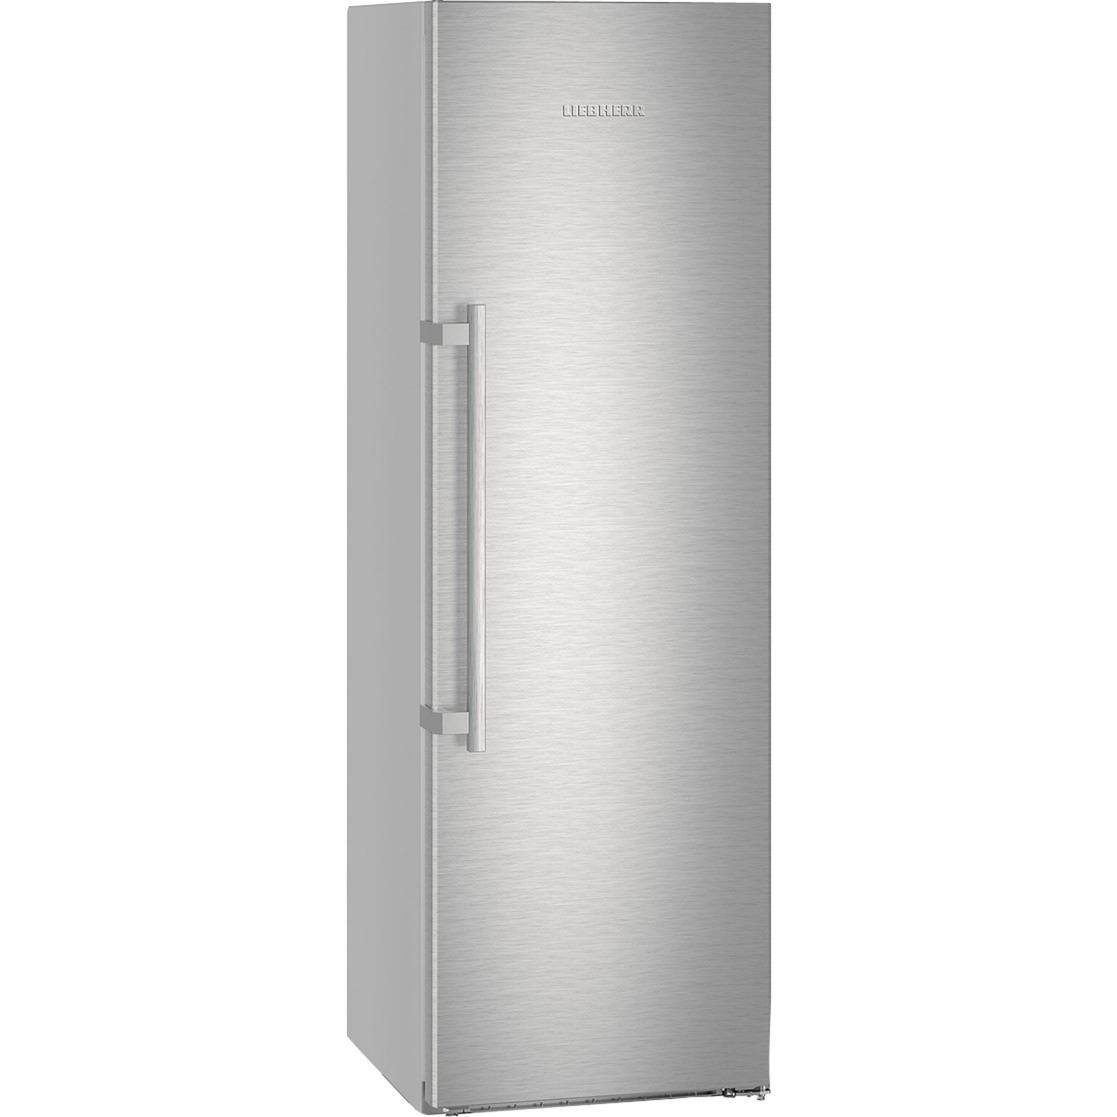 Liebherr KPef 4350-20 Premium, Kühlschrank edelstahl